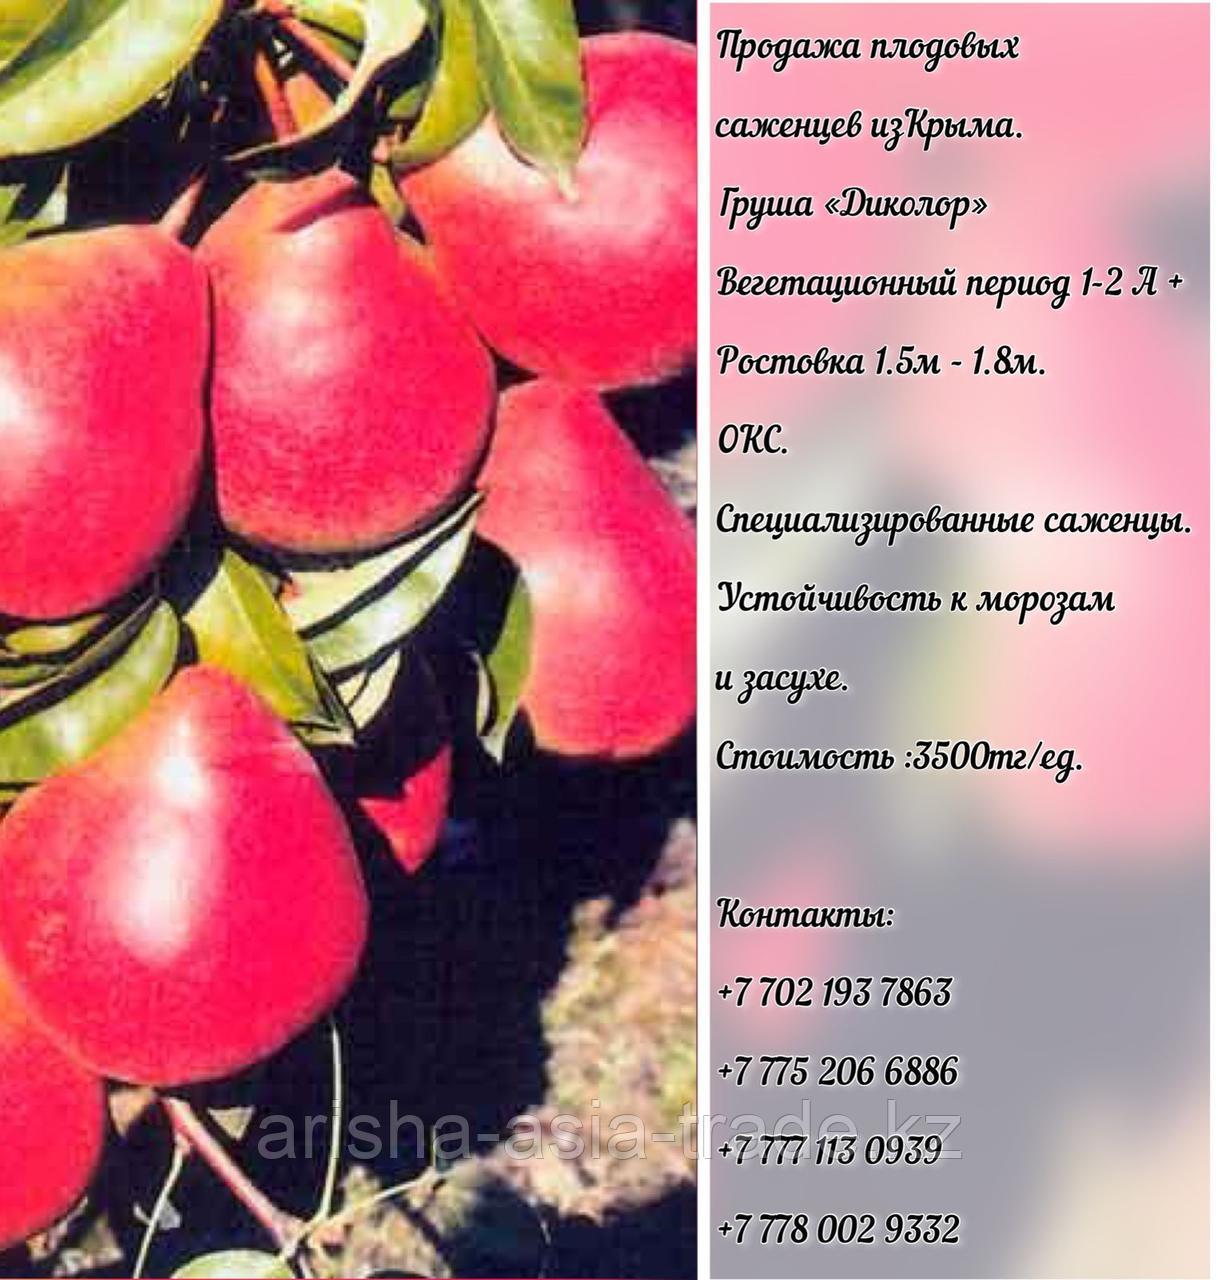 """Саженец груши  """"Диколор"""" Крым"""